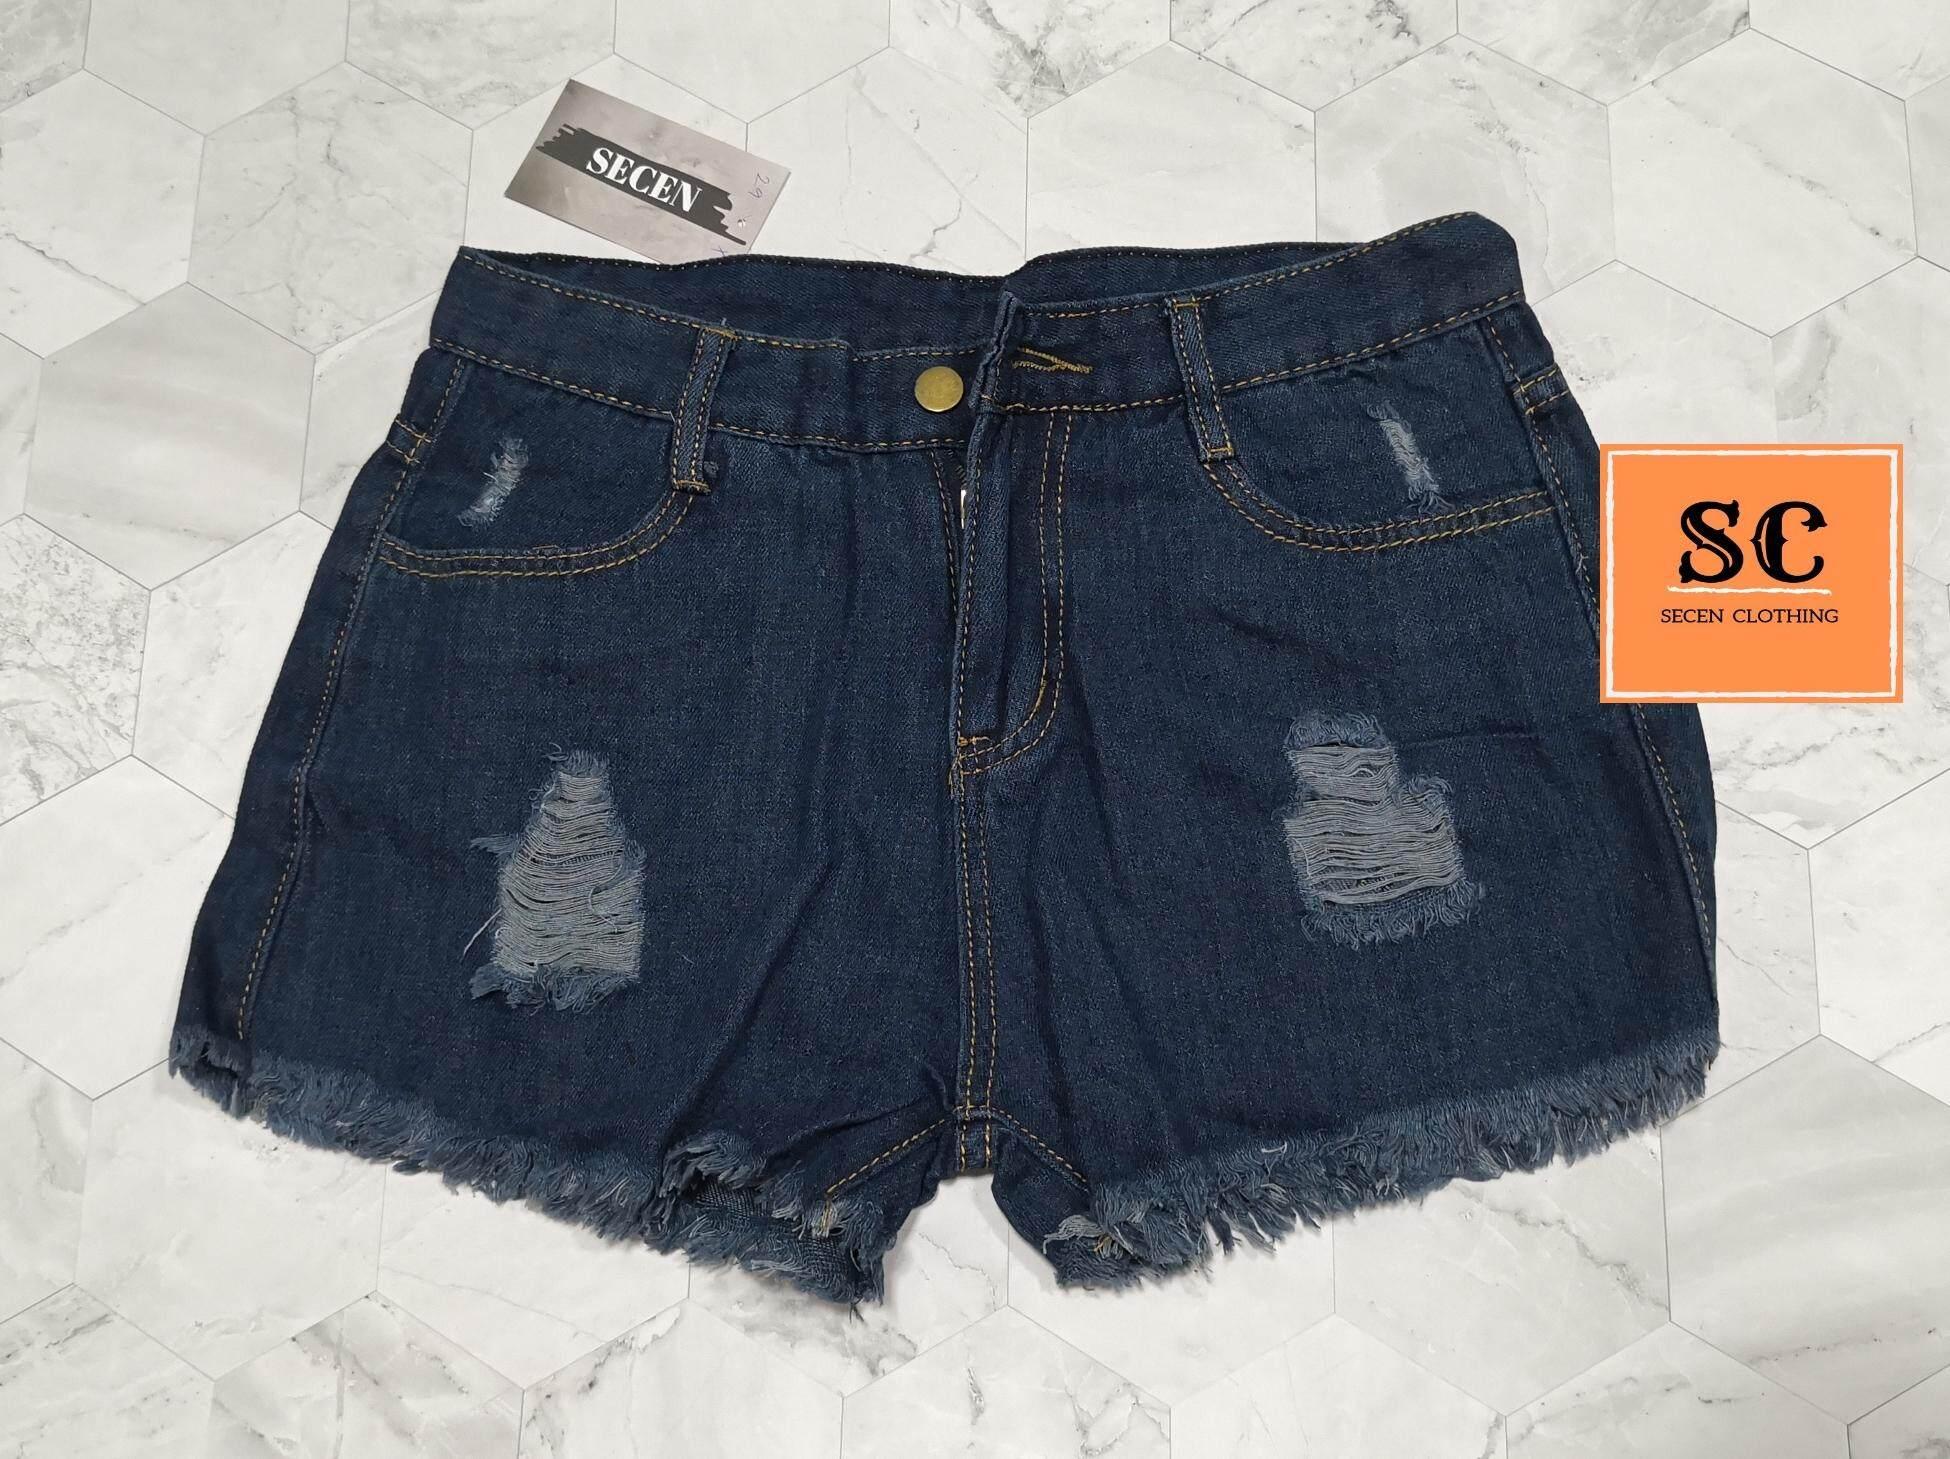 ลดสุดๆ SECEN STYLE - กางเกงยีนส์ขาสั้น แฟชั่น มีเก็บเงินปลายทาง ส่งด่วน kerry   --พร้อมส่ง-- (รุ่น J-002)